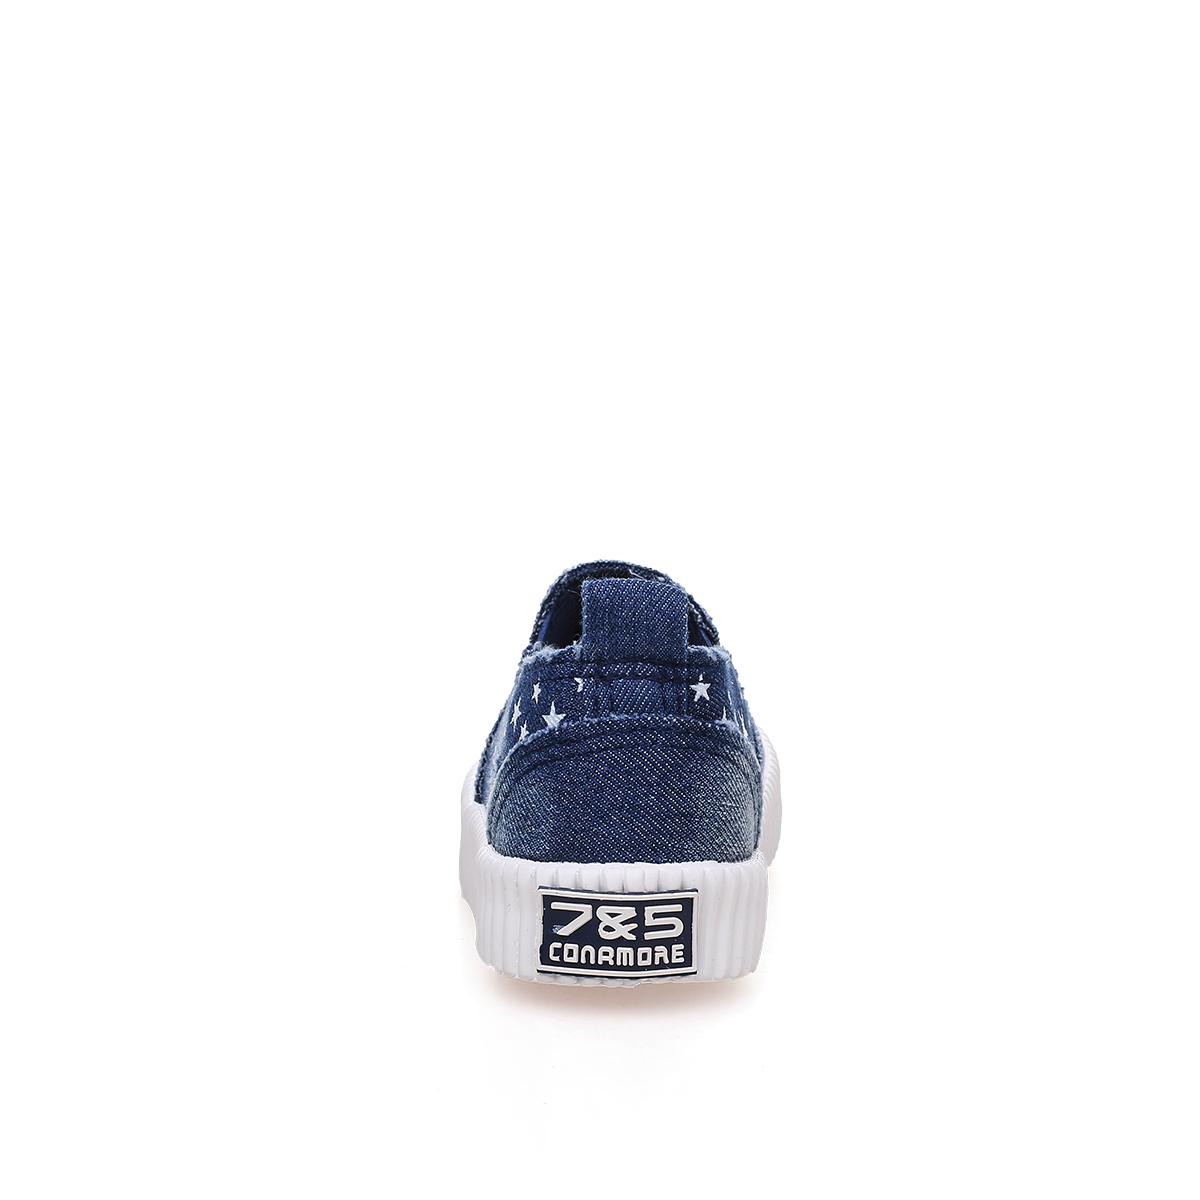 Baskets enfants en toile 7&AMP5 suture de voiture pour printemps - semelle caoutchouc antidérapant - Ref 1033167 Image 3